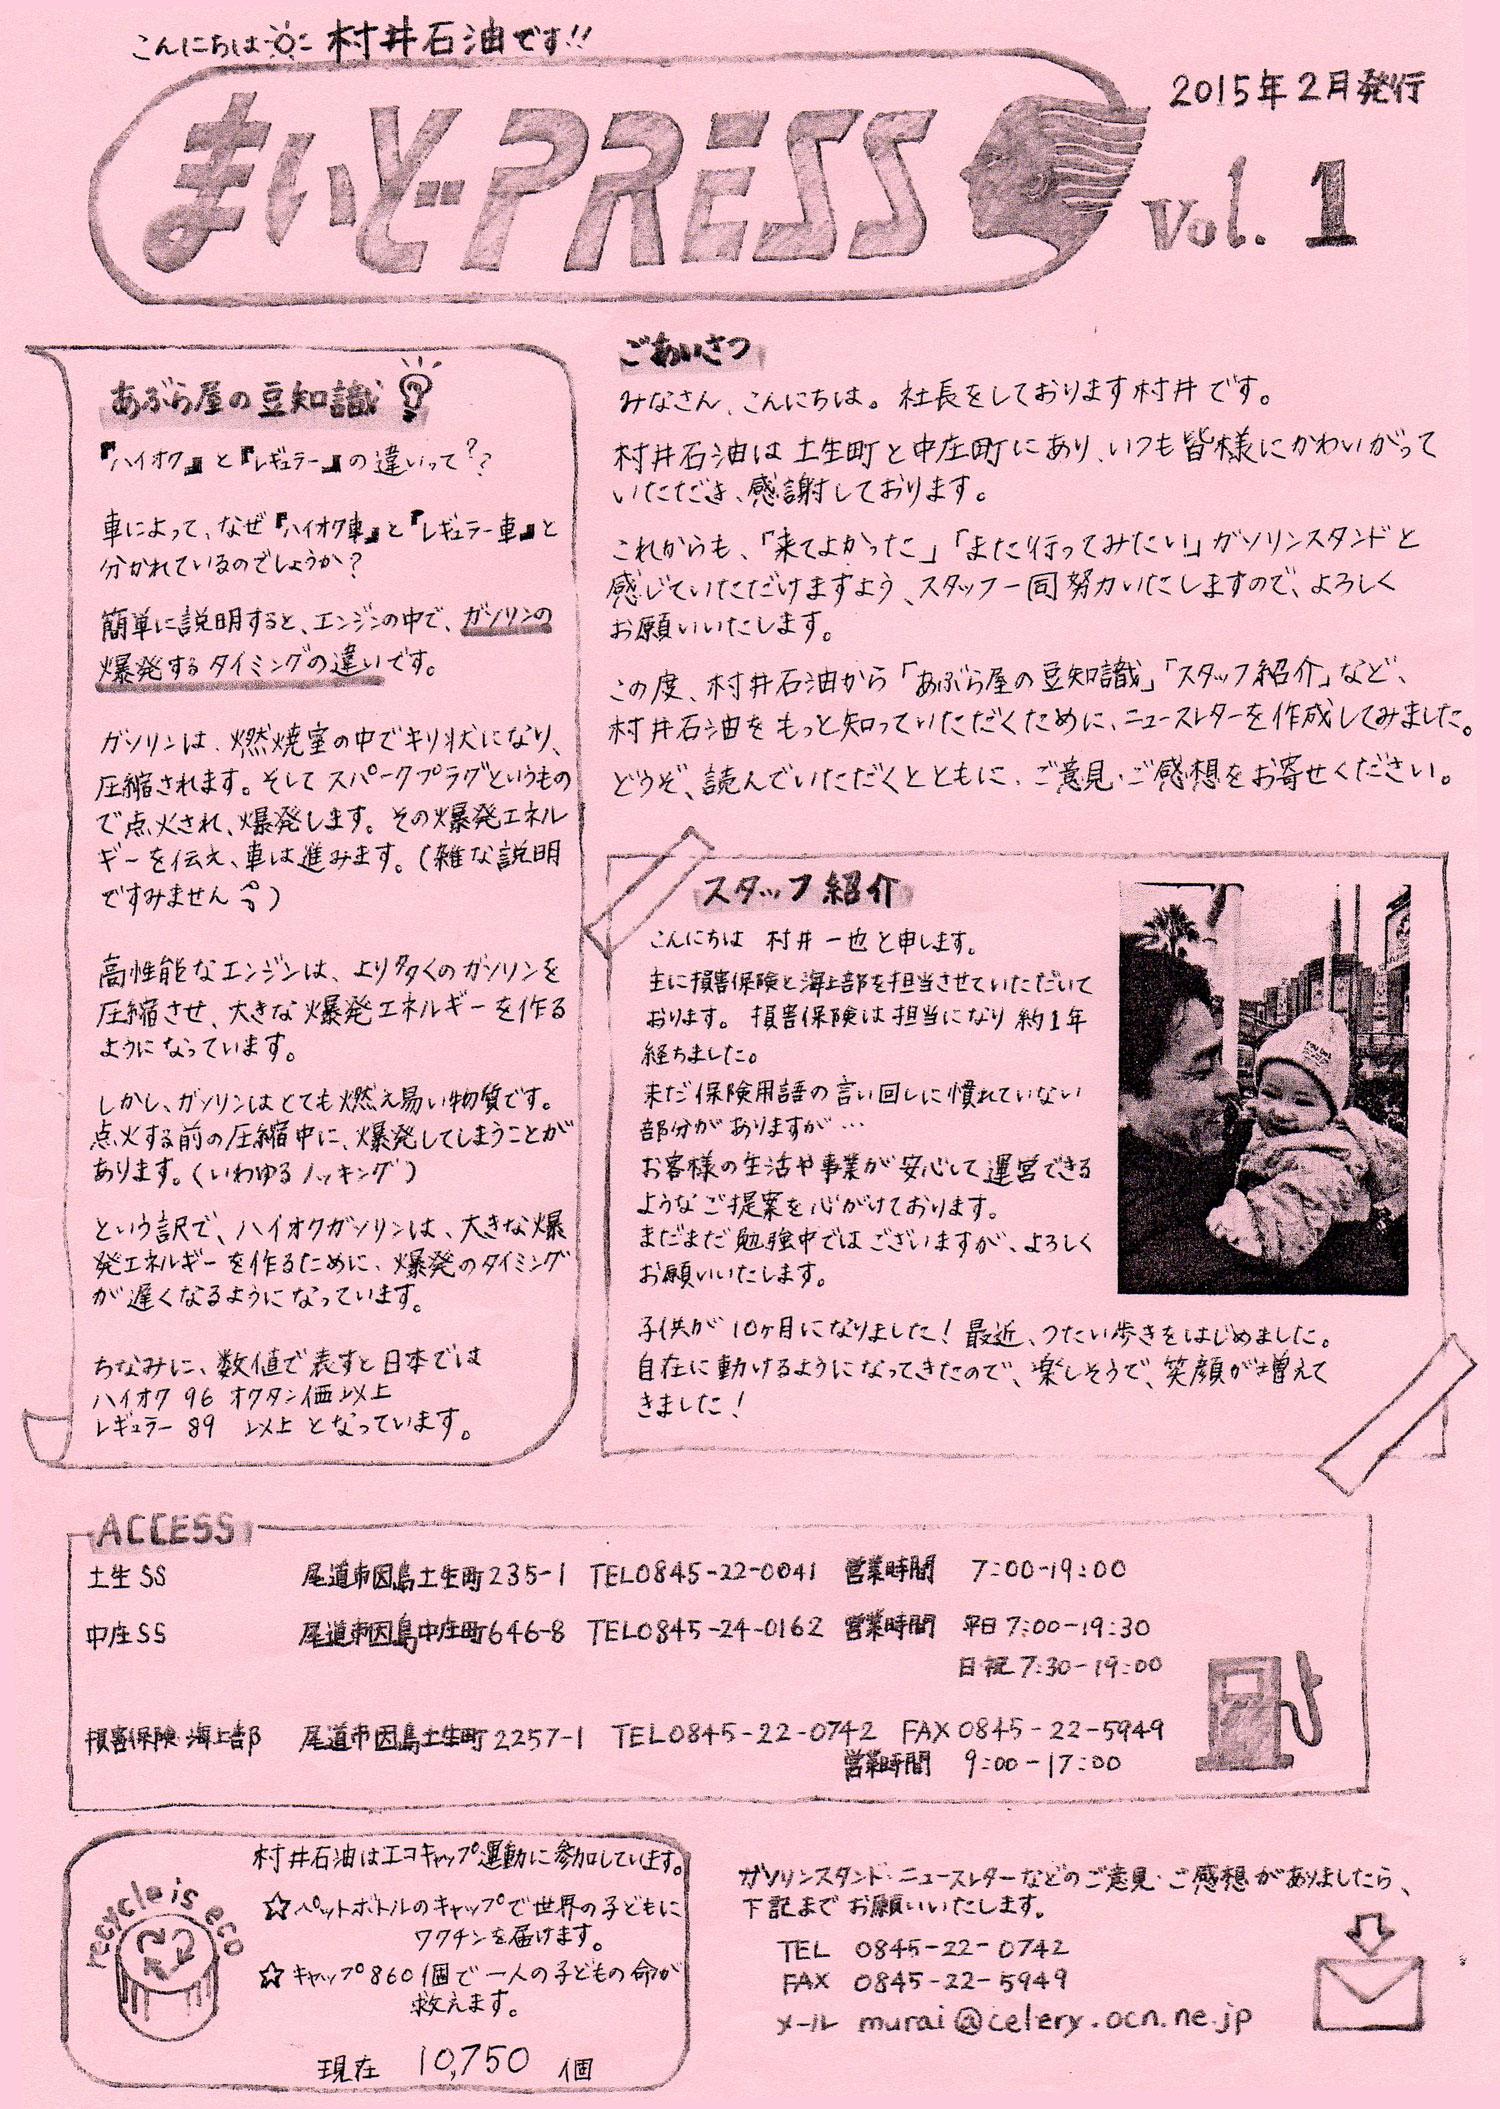 vol.1(2015年2月発行)